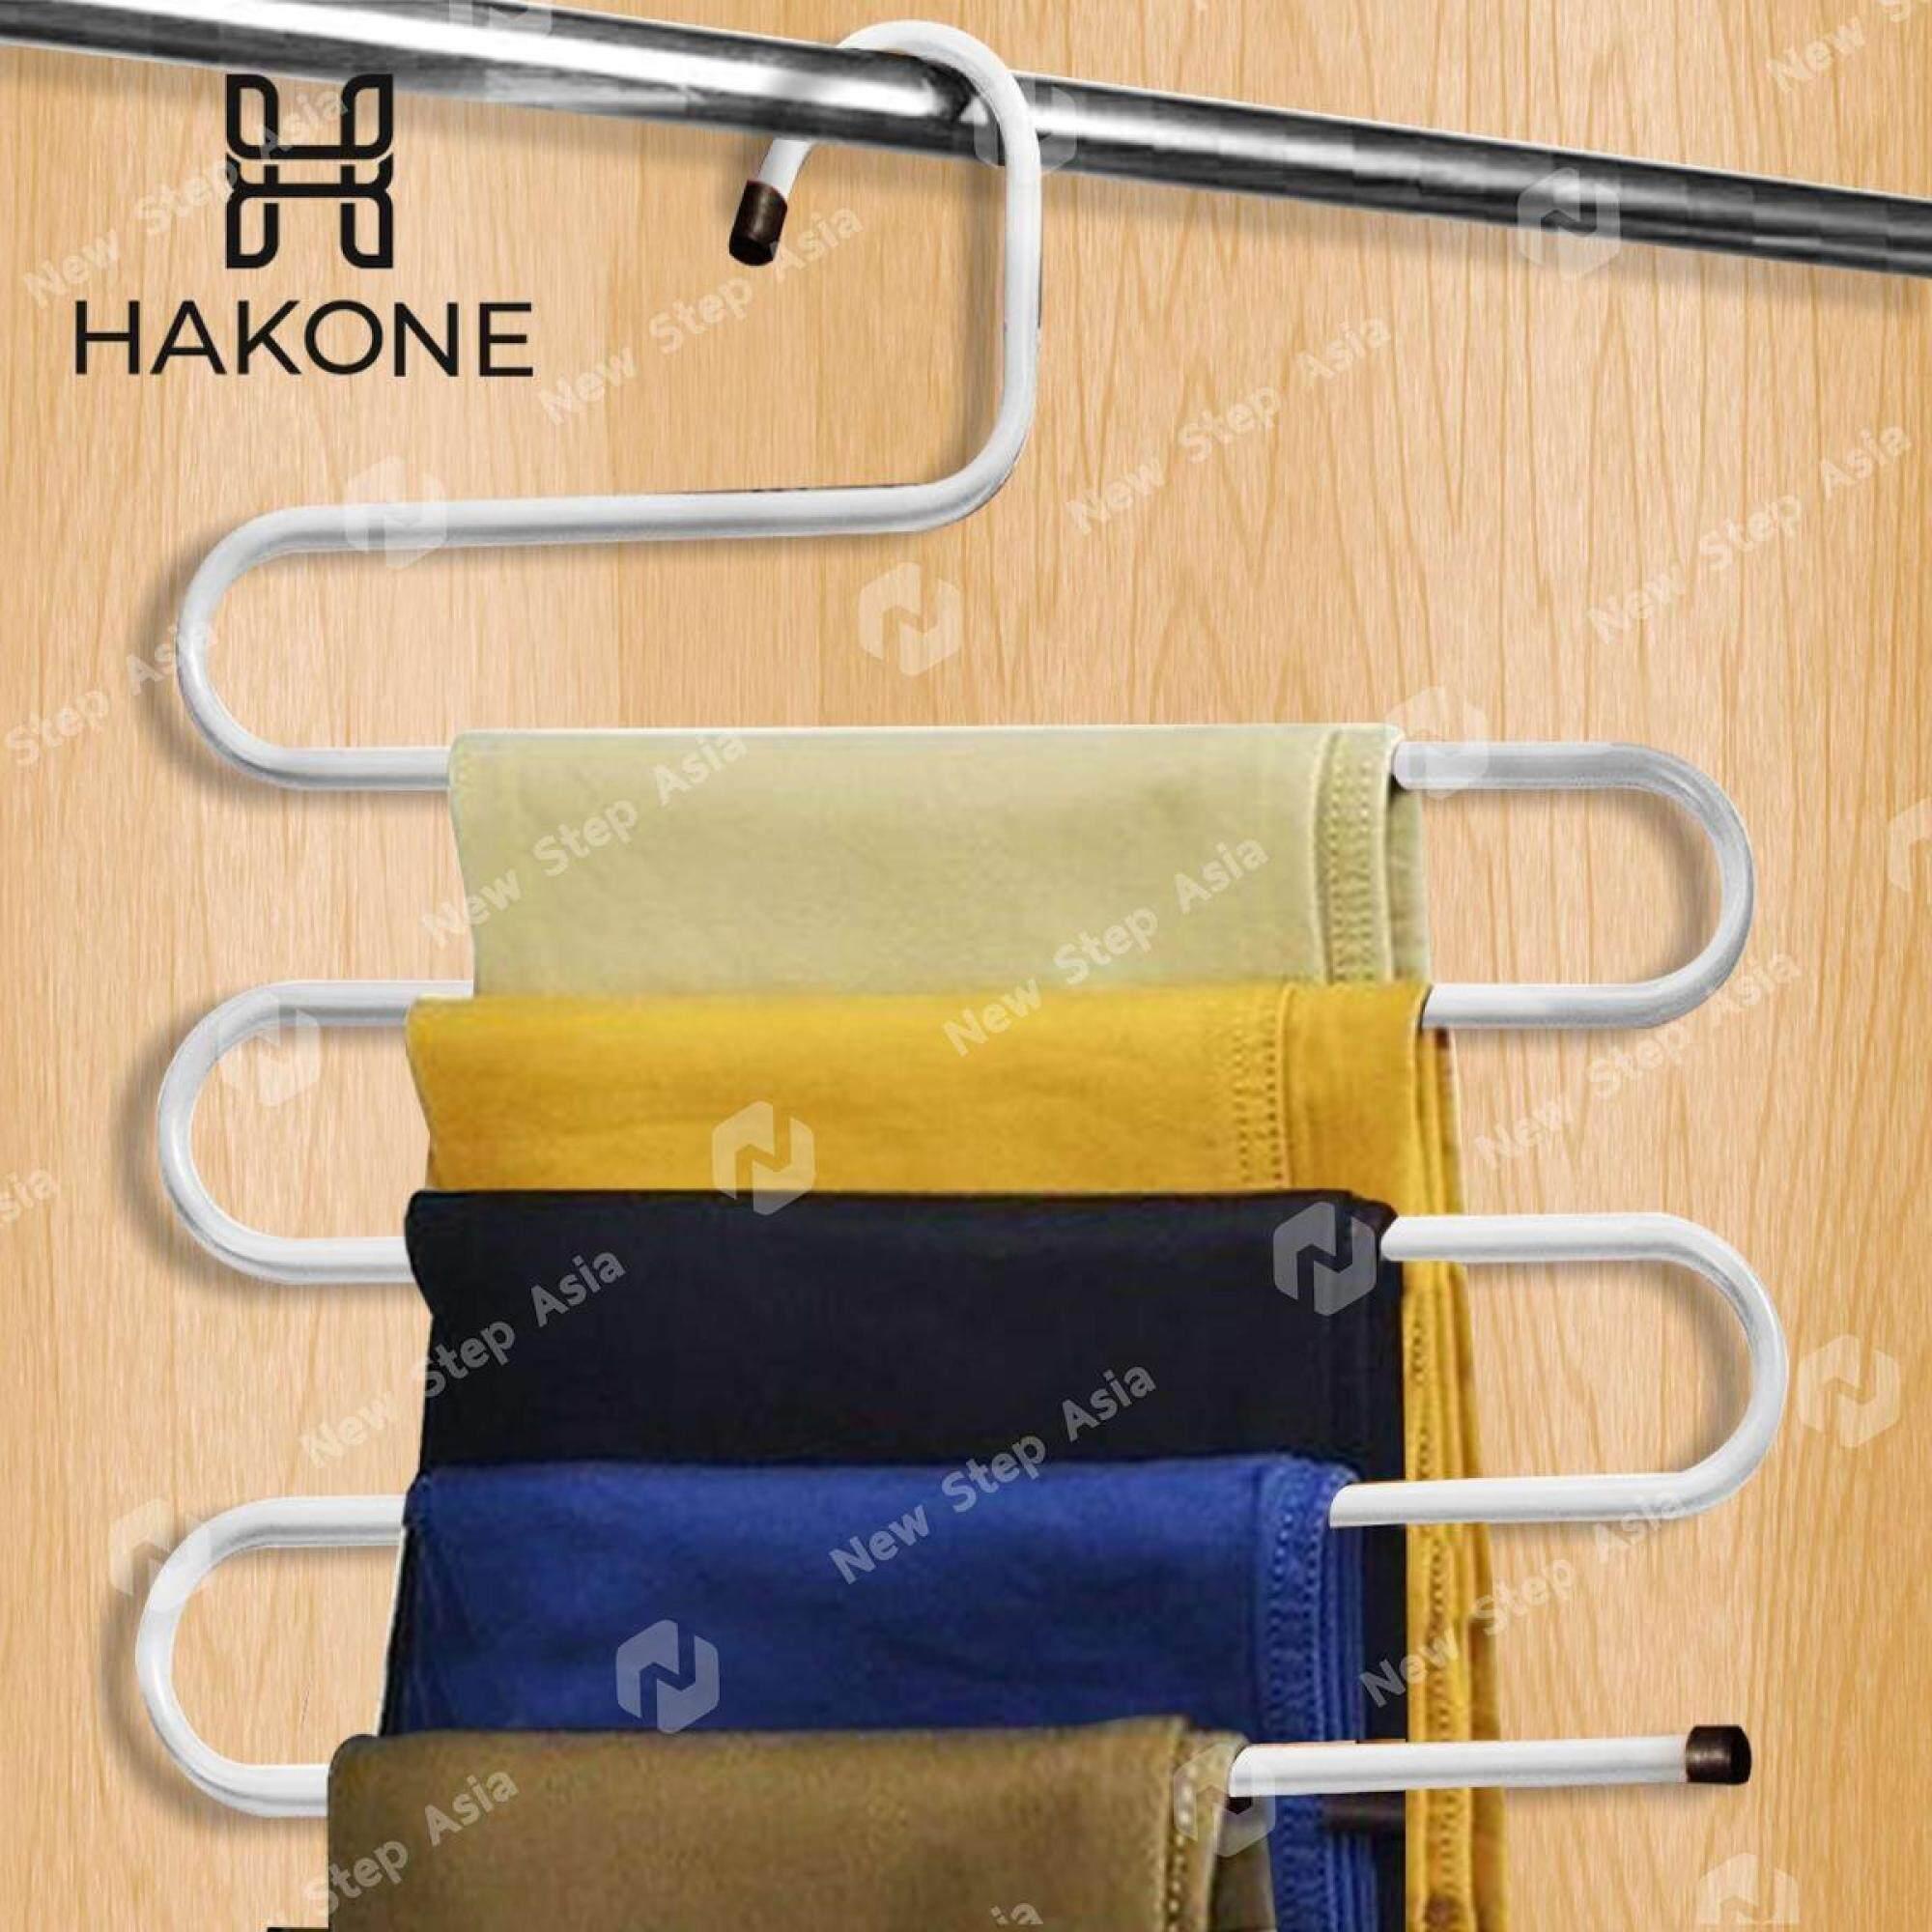 Hakone ไม้แขวนกางเกง ที่แขวนกางเกง 5 ตัว ประหยัดพื้นที่ ภายในตู้เสื้อผ้า ไม้แขวน ไม้แขวนเสื้อ ไม้แขวนผ้า แขวนผ้าพันคอ แขวนเข็มขัด เนคไท Trousers Hanger New Step Asia.